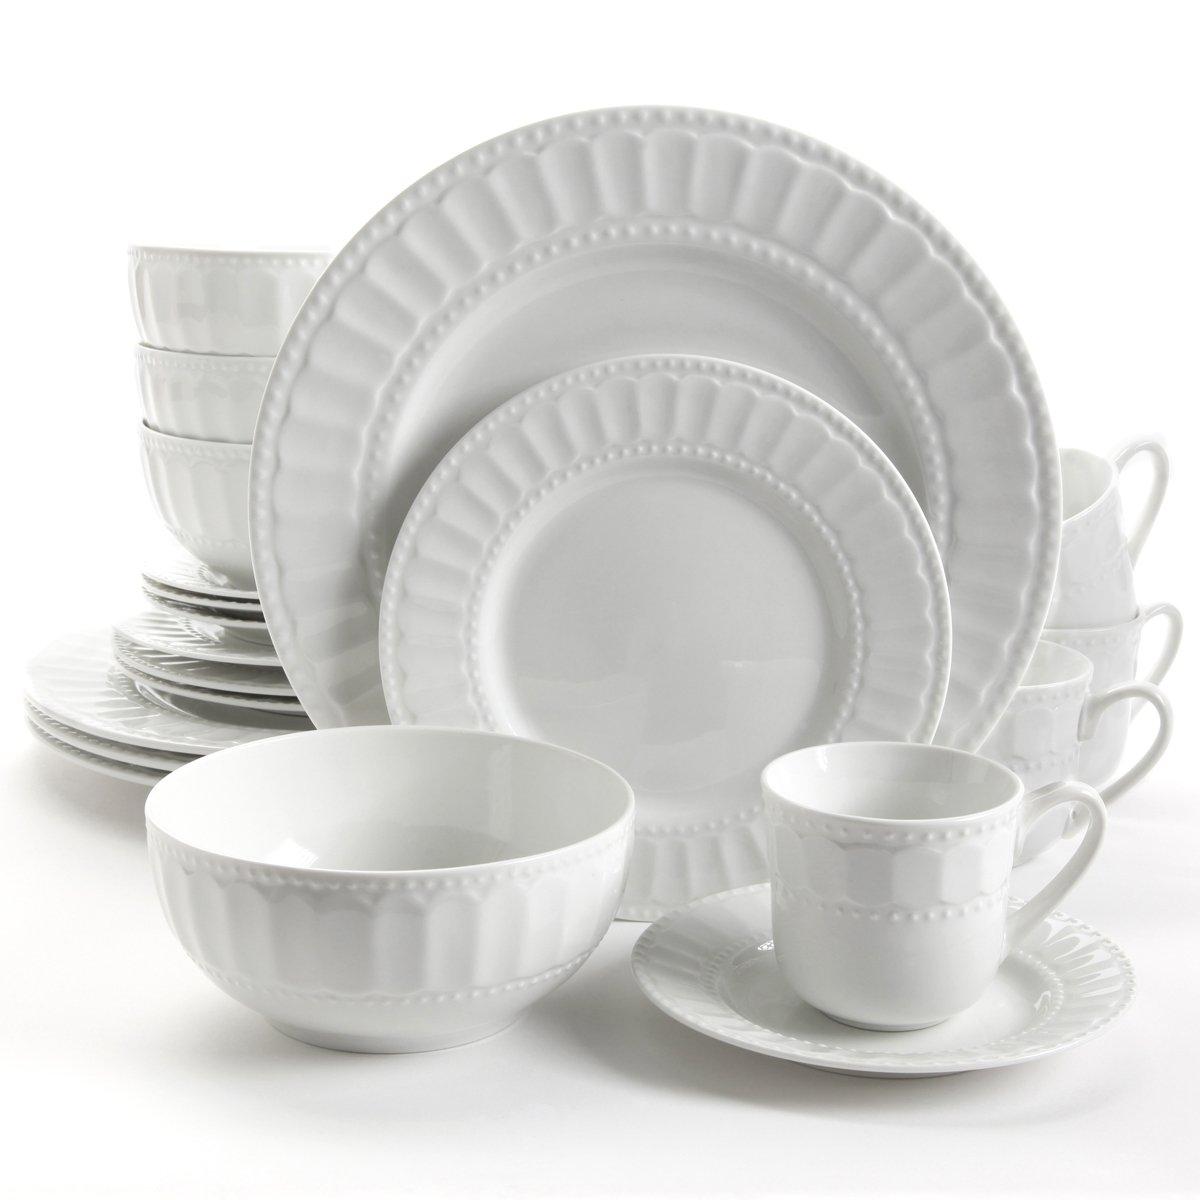 Vajilla de cer mica blanca 20 piezas regalia sears com for Vajilla ceramica